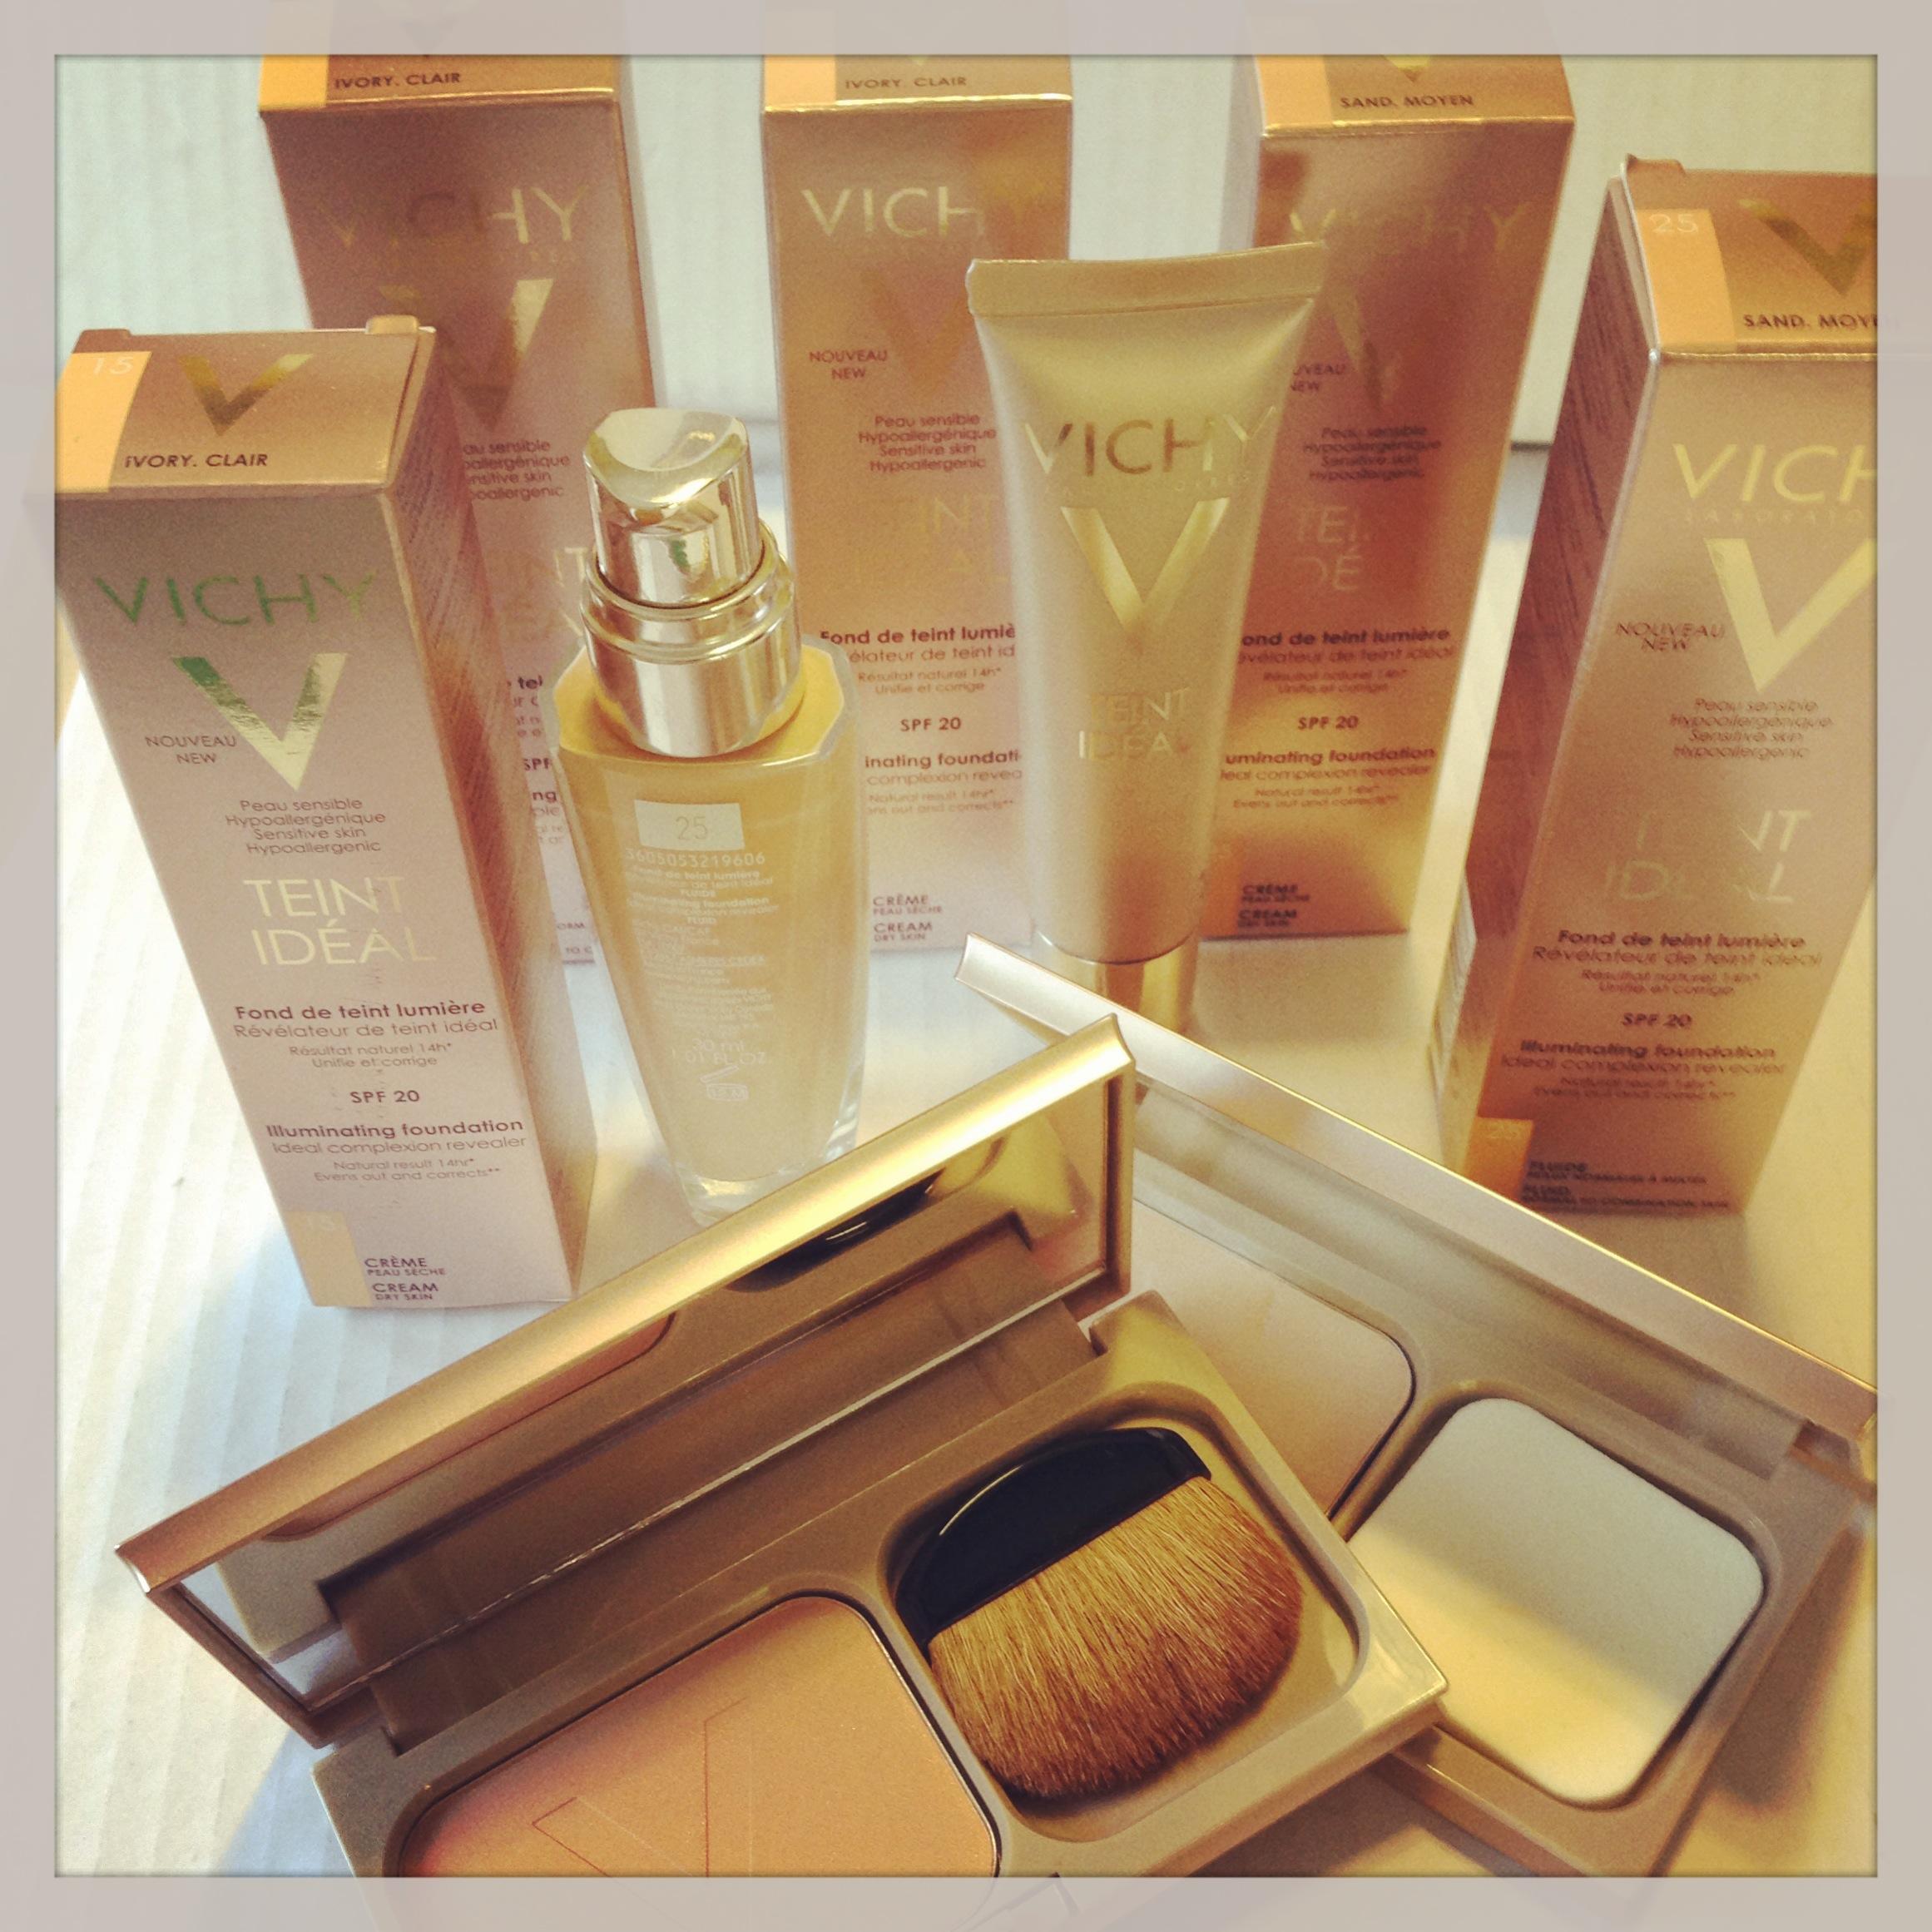 kako do popolnega nanosa pudra Vichy Teint Ideal by Beautyfullblog